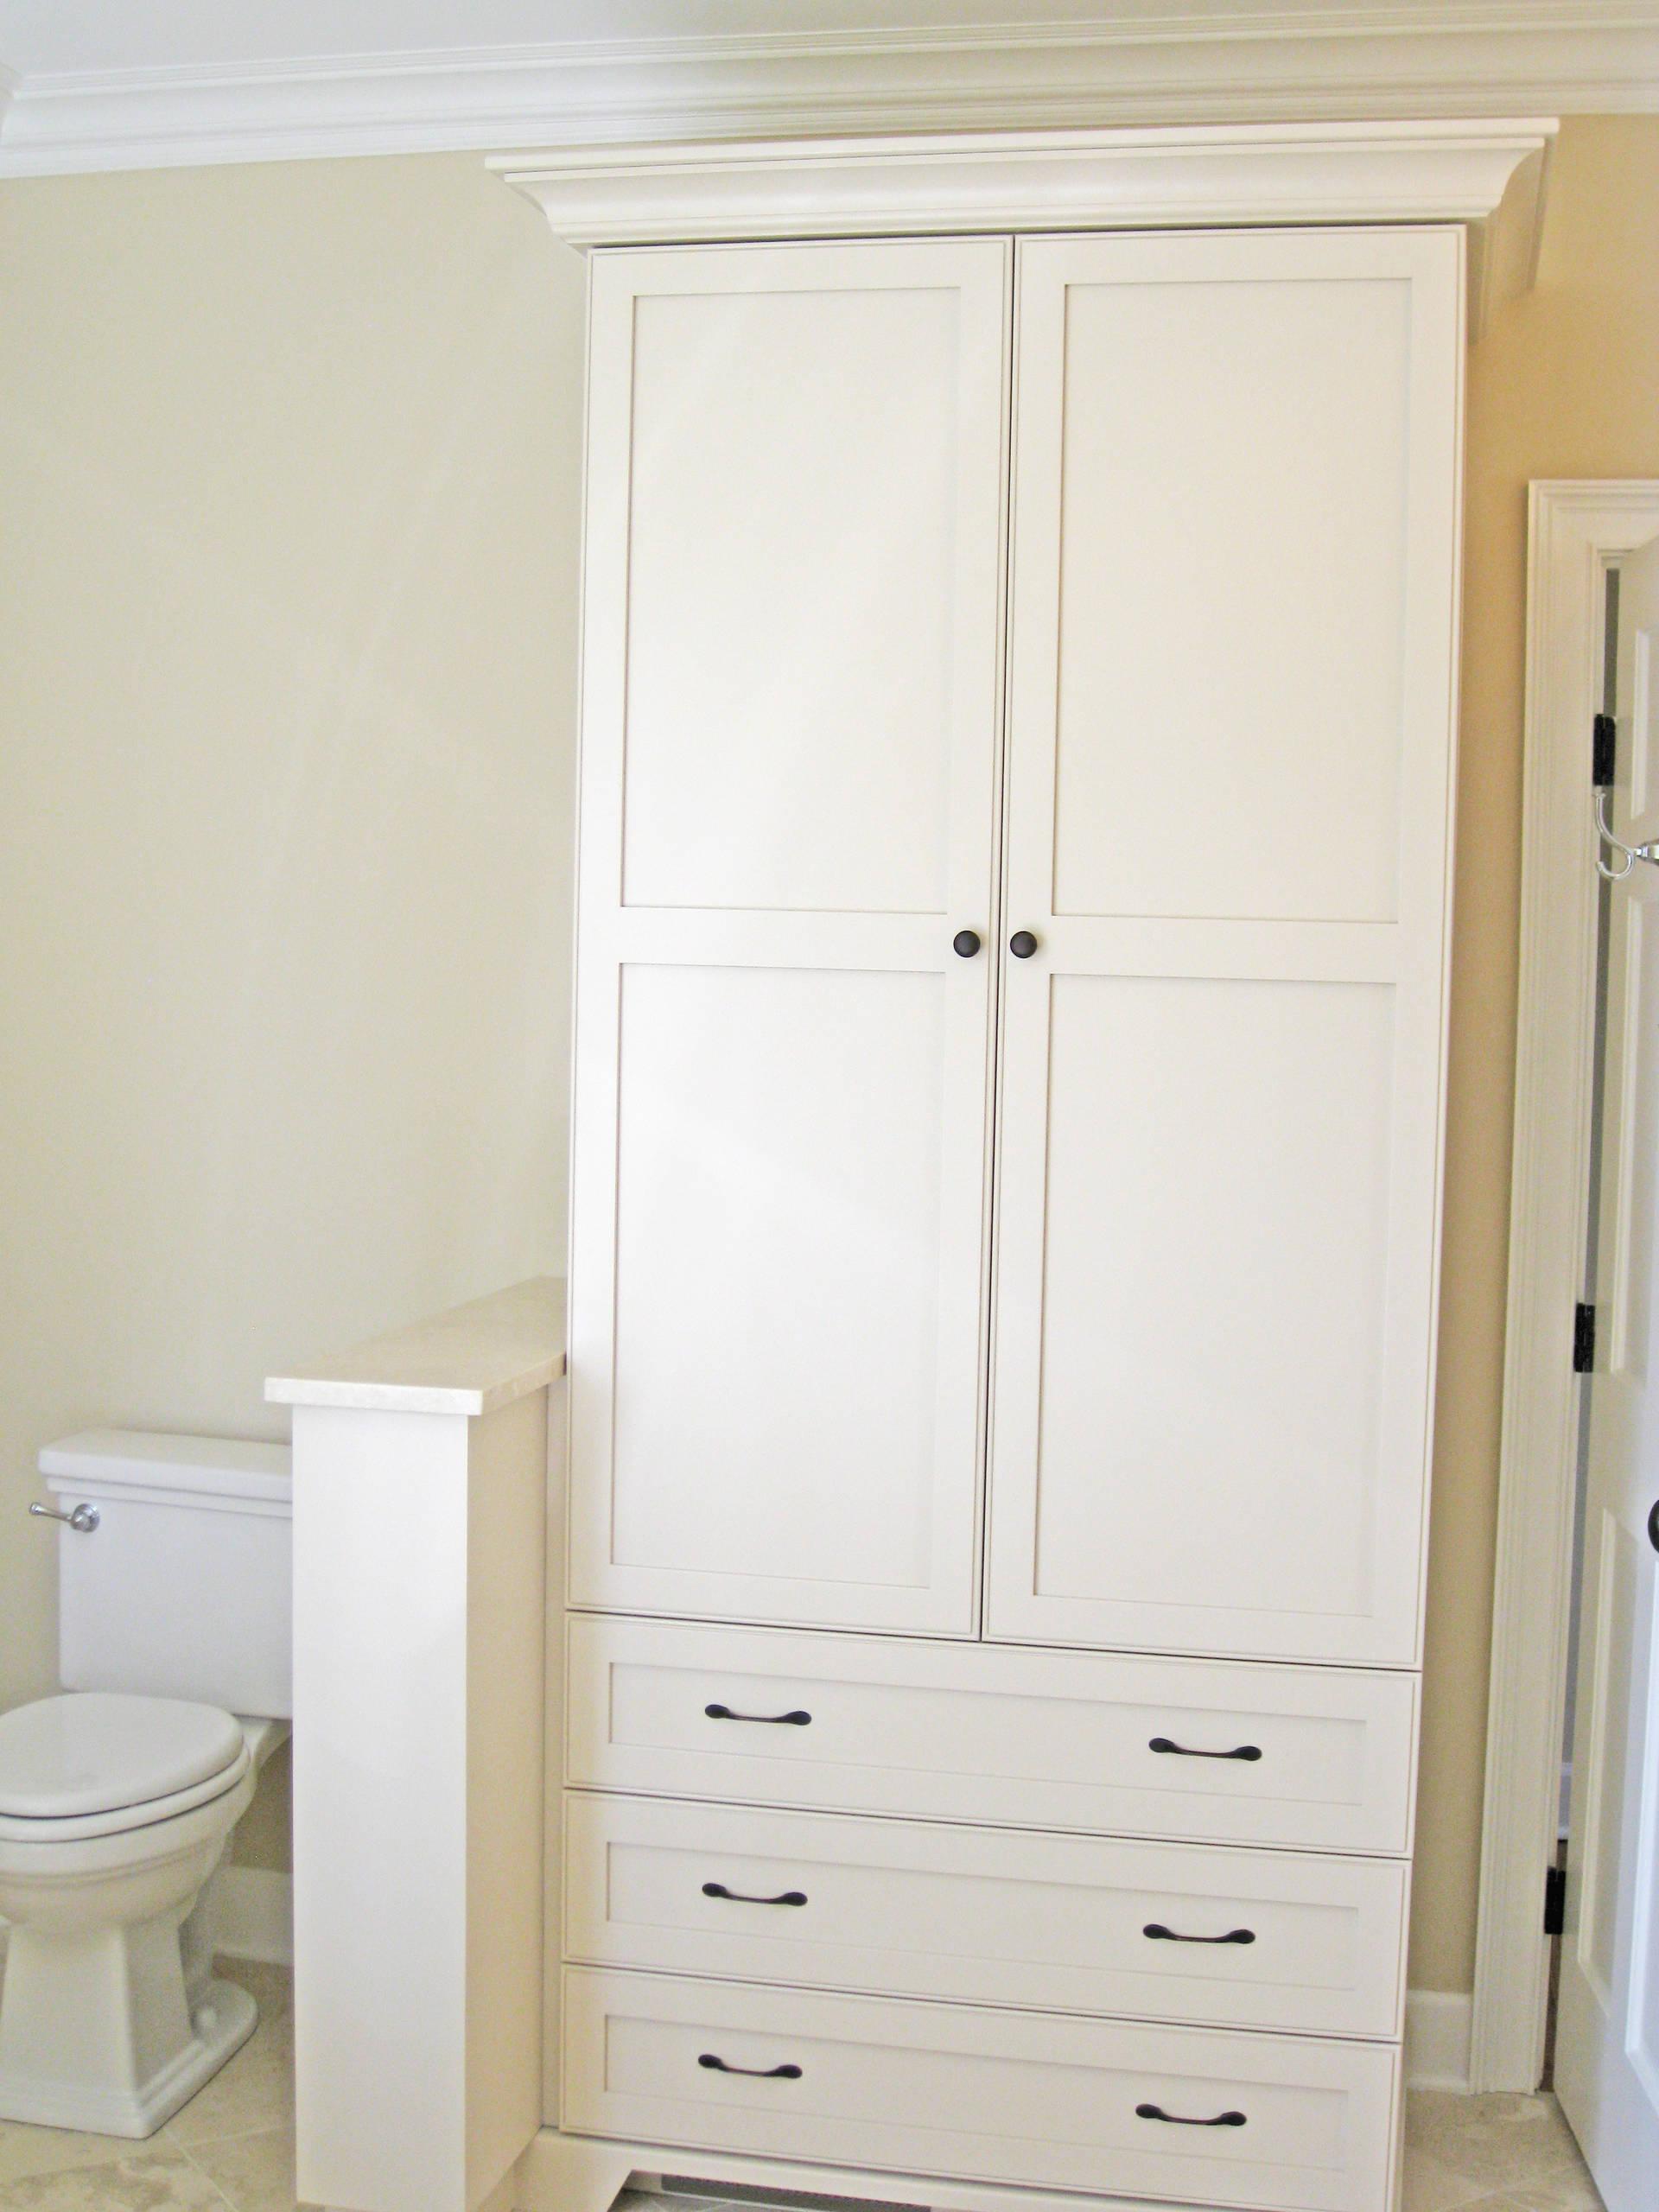 Kitchen Pantry Linen Storage Cabinet Cupboard Bathroom Cabinet,HC-004